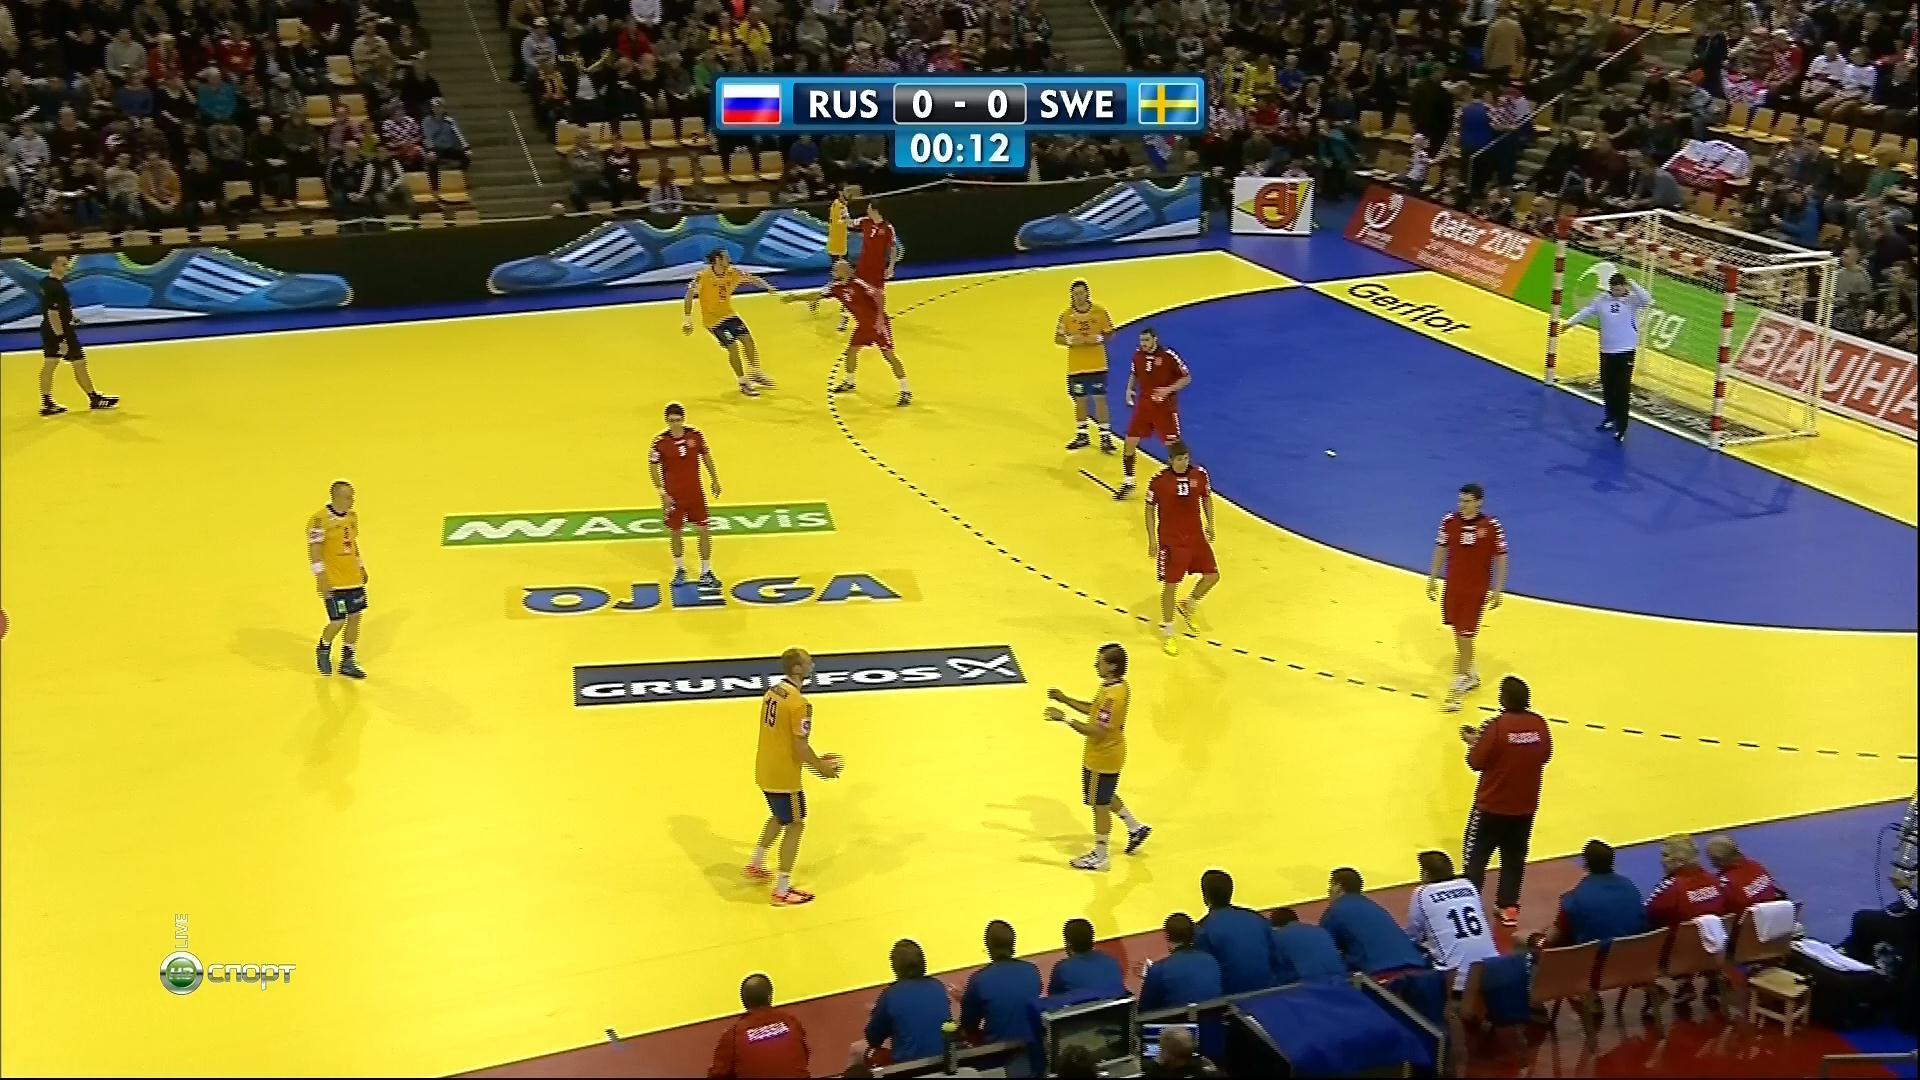 Россия — Швеция: определяющей матч Евро-2016